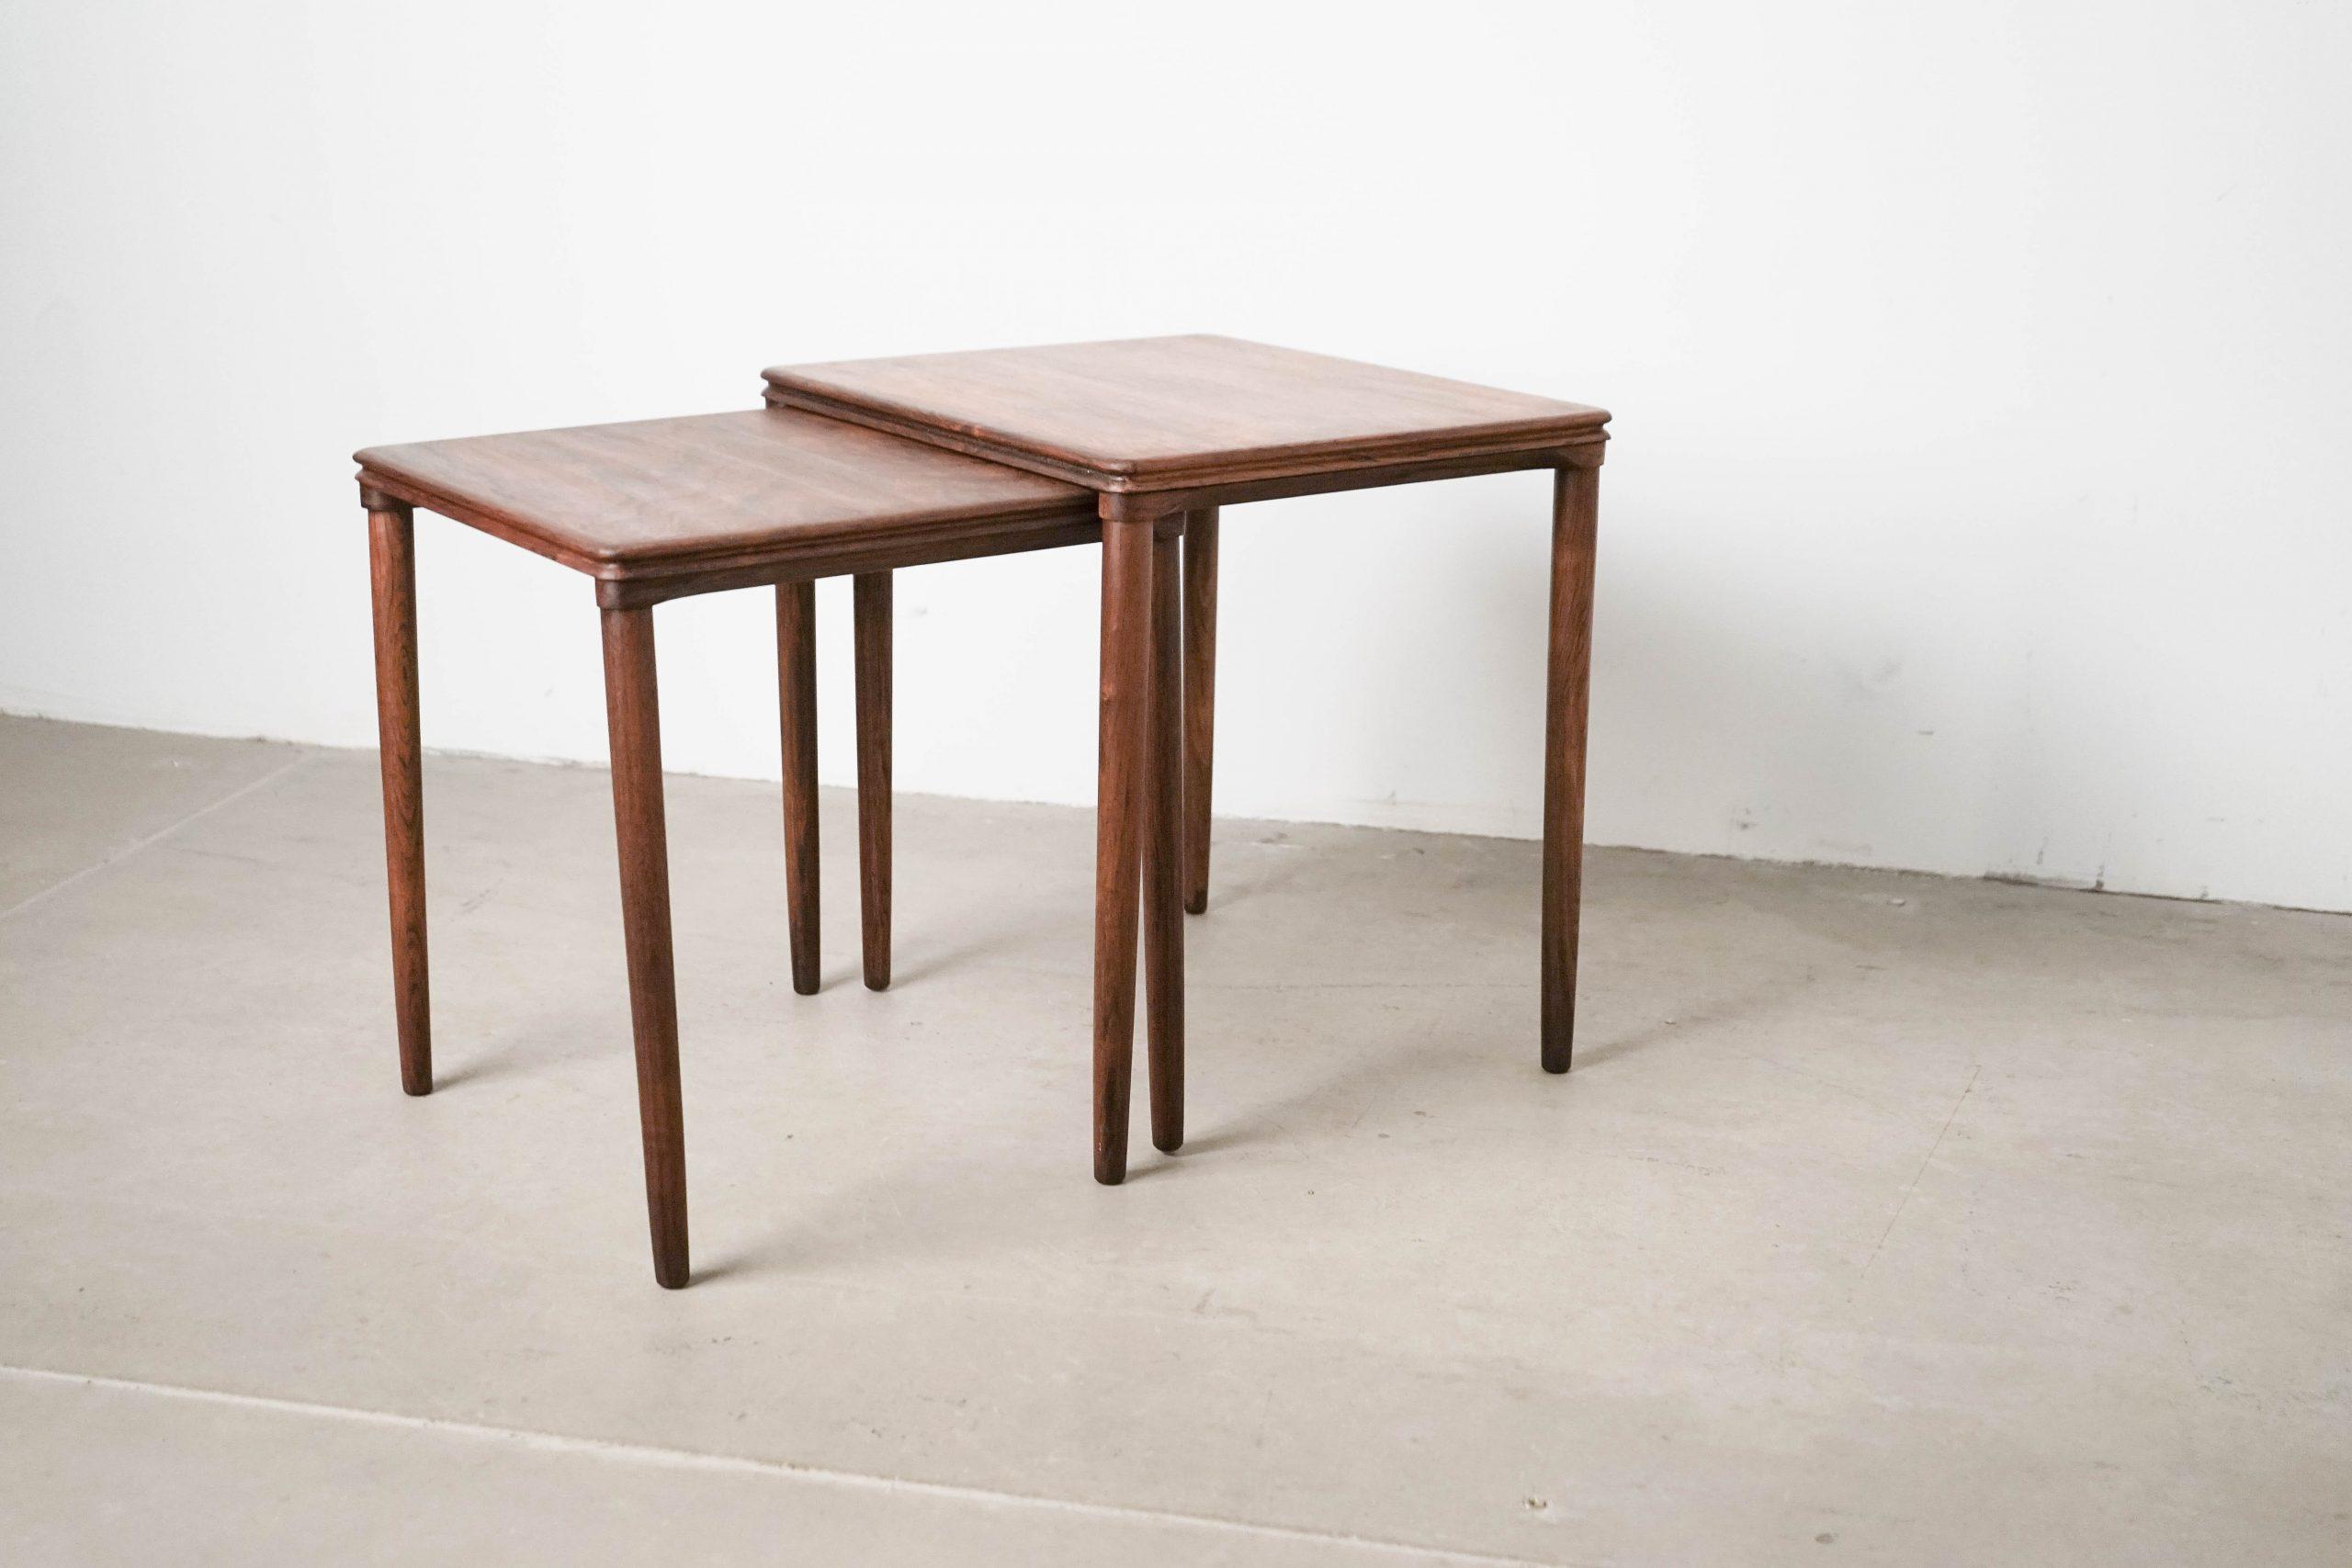 mesa de madera de palosanto teca de diseño calidad vintage 60s